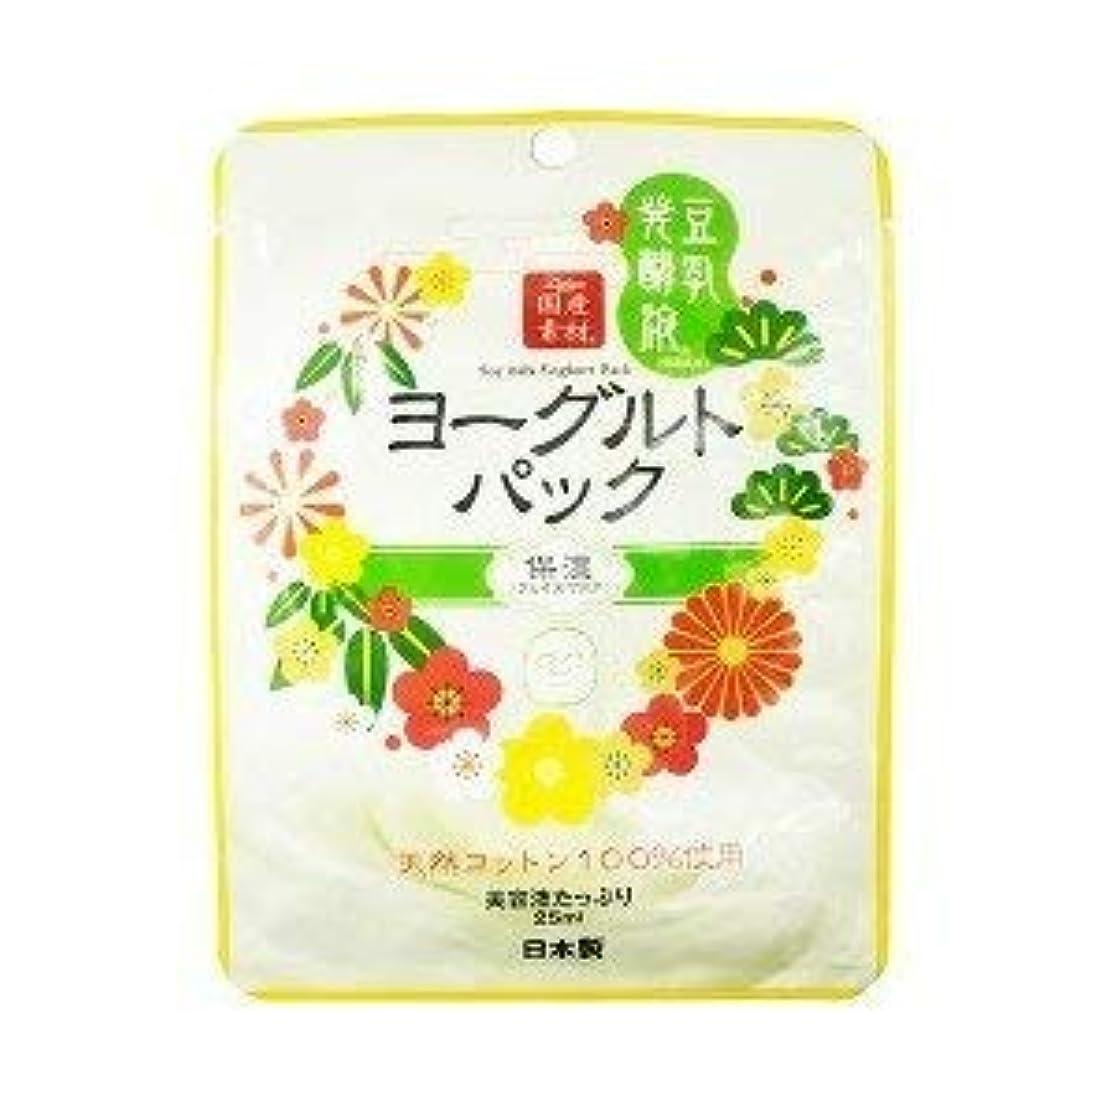 フェデレーション伝統的証明【6枚セット】リシャン フェイスマスクYG ヨーグルトの香り 1枚入